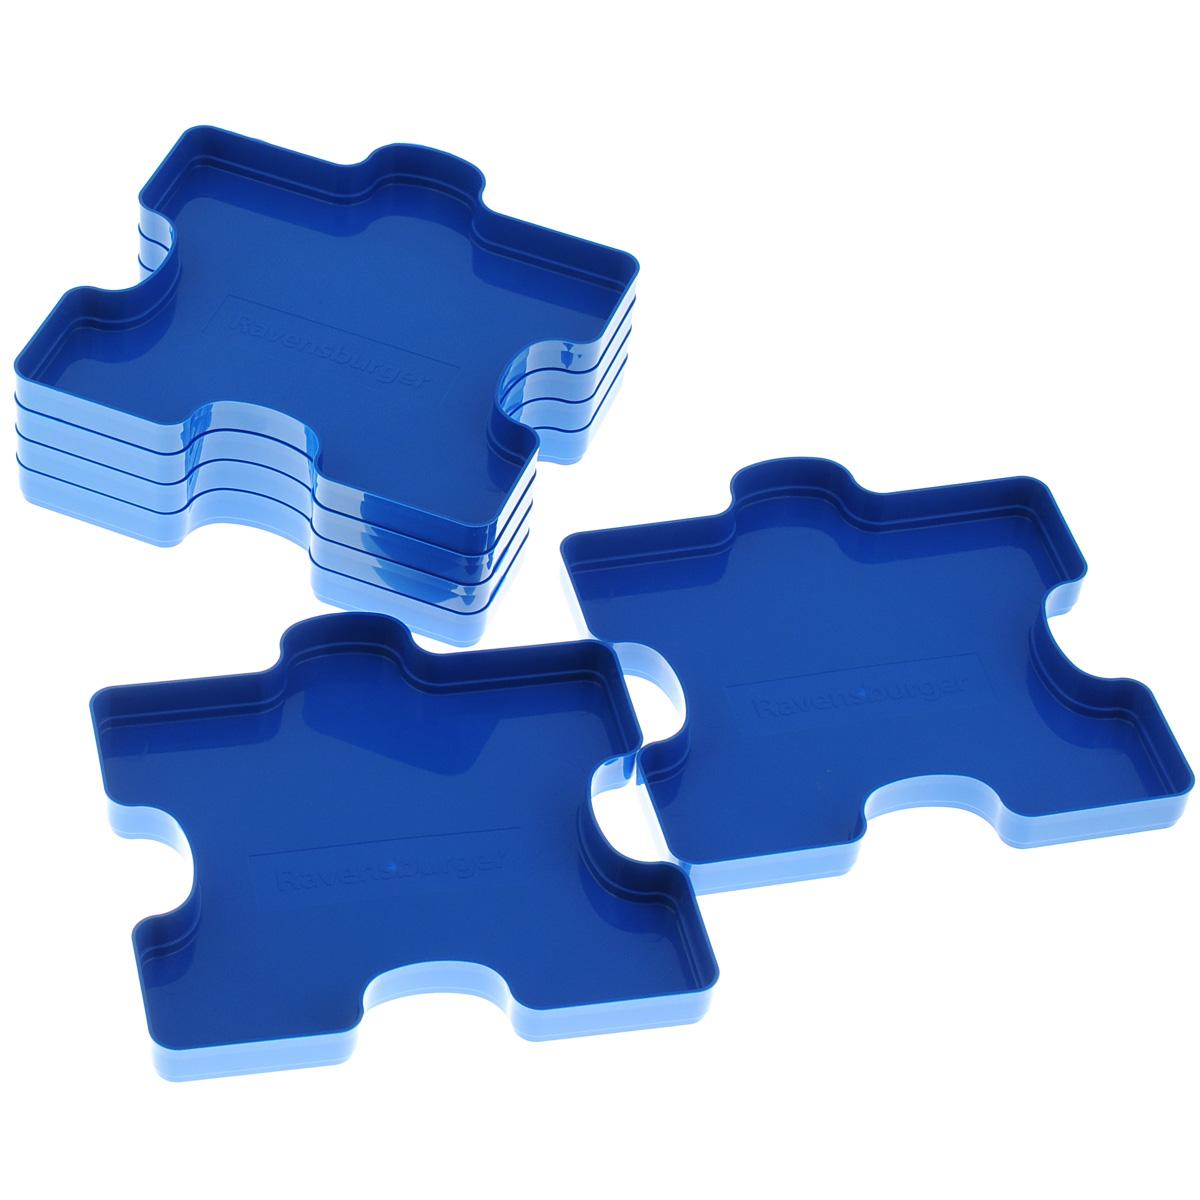 """Сортировщик пазлов """"Ravensburger"""" предназначен для сортировки и хранения элементов пазла. Комплект включает 6 лотков в форме элементов пазла, выполненных из прочного пластика и вмещающих от 300 до 1000 элементов."""